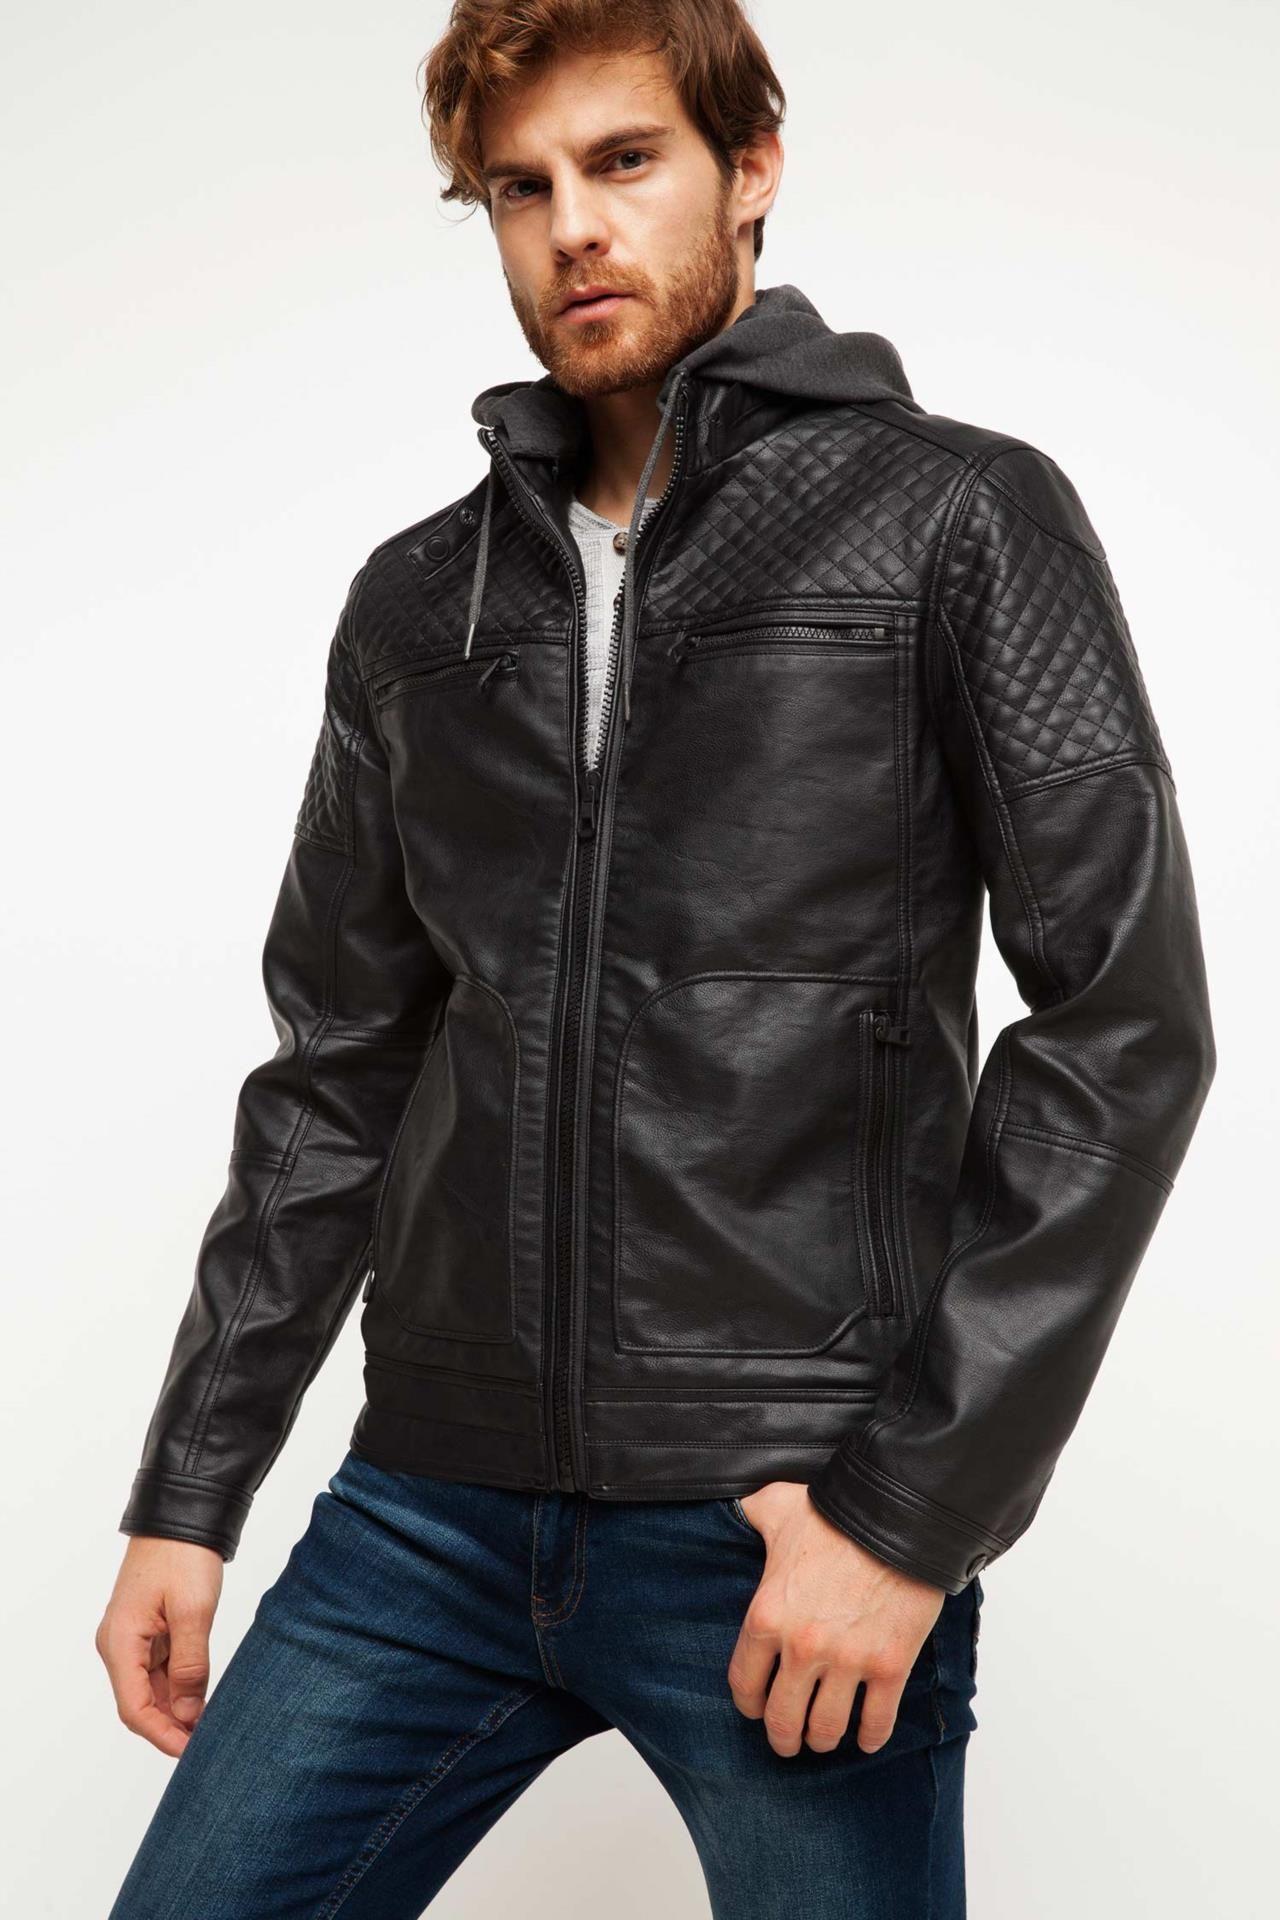 Defacto Marka Suni Deri Ceket Dar Kesim Modeliyle Gunluk Sikliginizin Garantisi Defacto Erkek Suni Deri Ceket Leather Jacket Fashion Leather